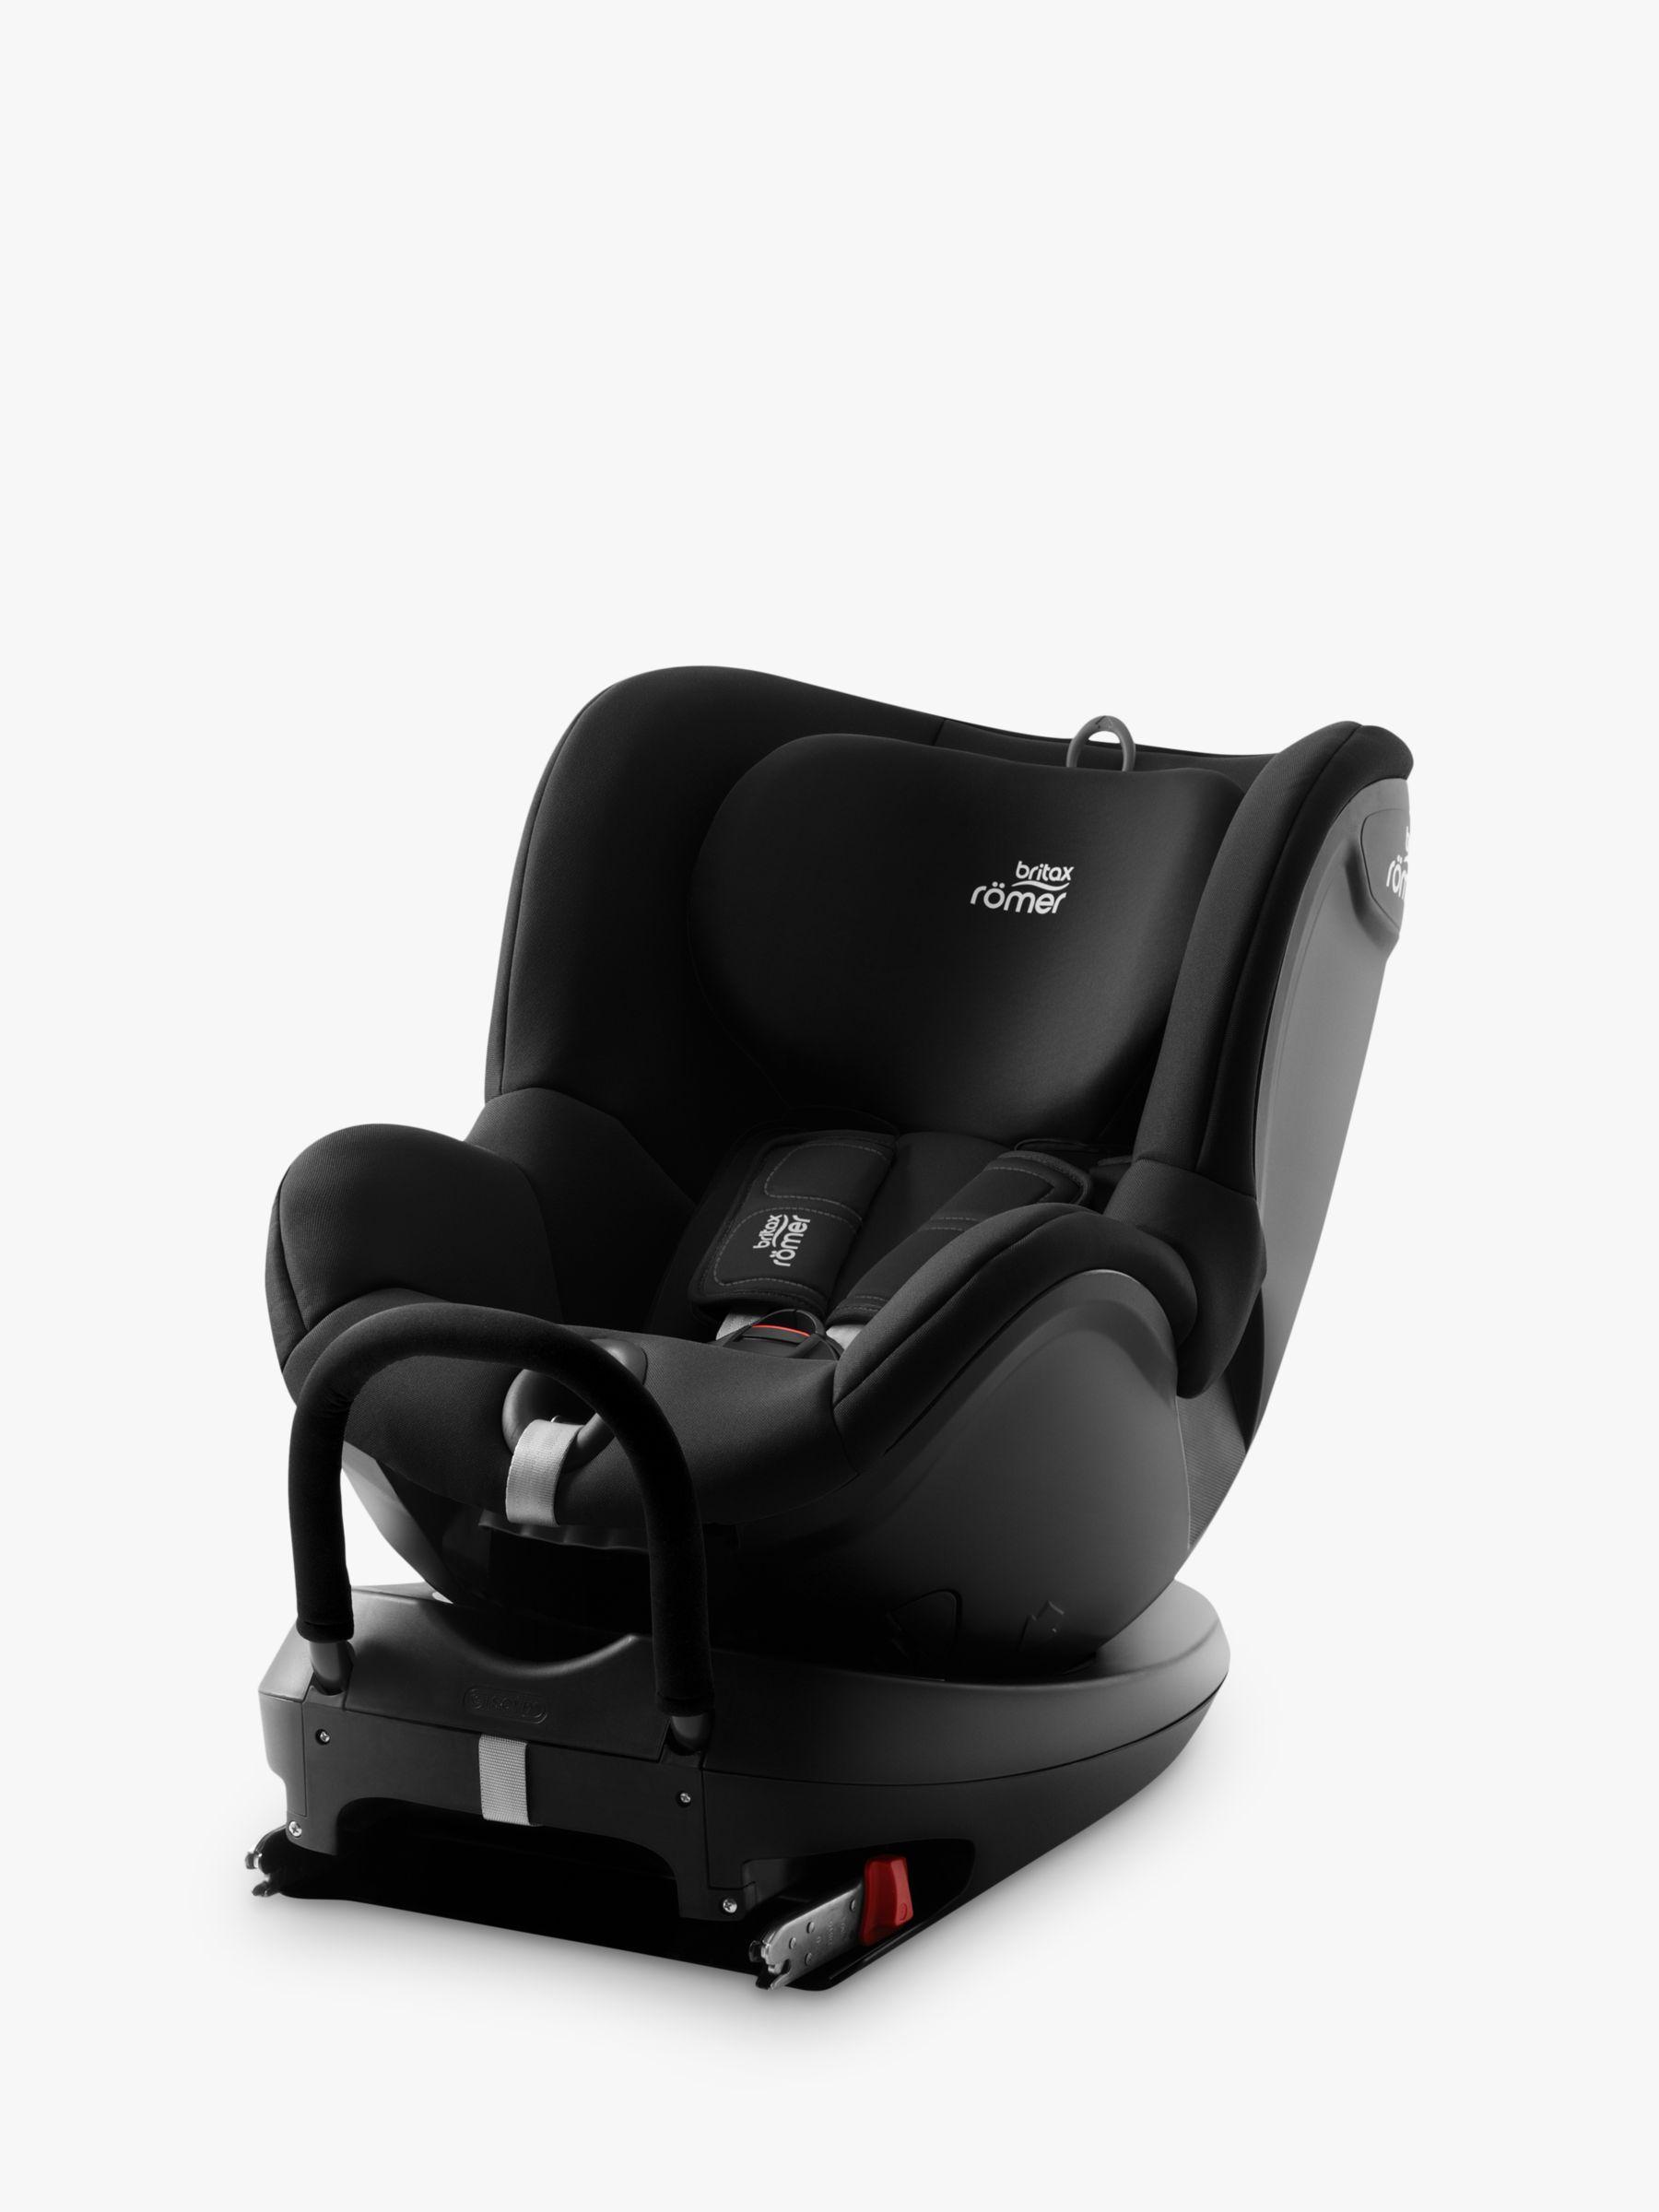 Britax Britax Römer Dualfix 2 R Group 0+/1 Car Seat, Cosmos Black